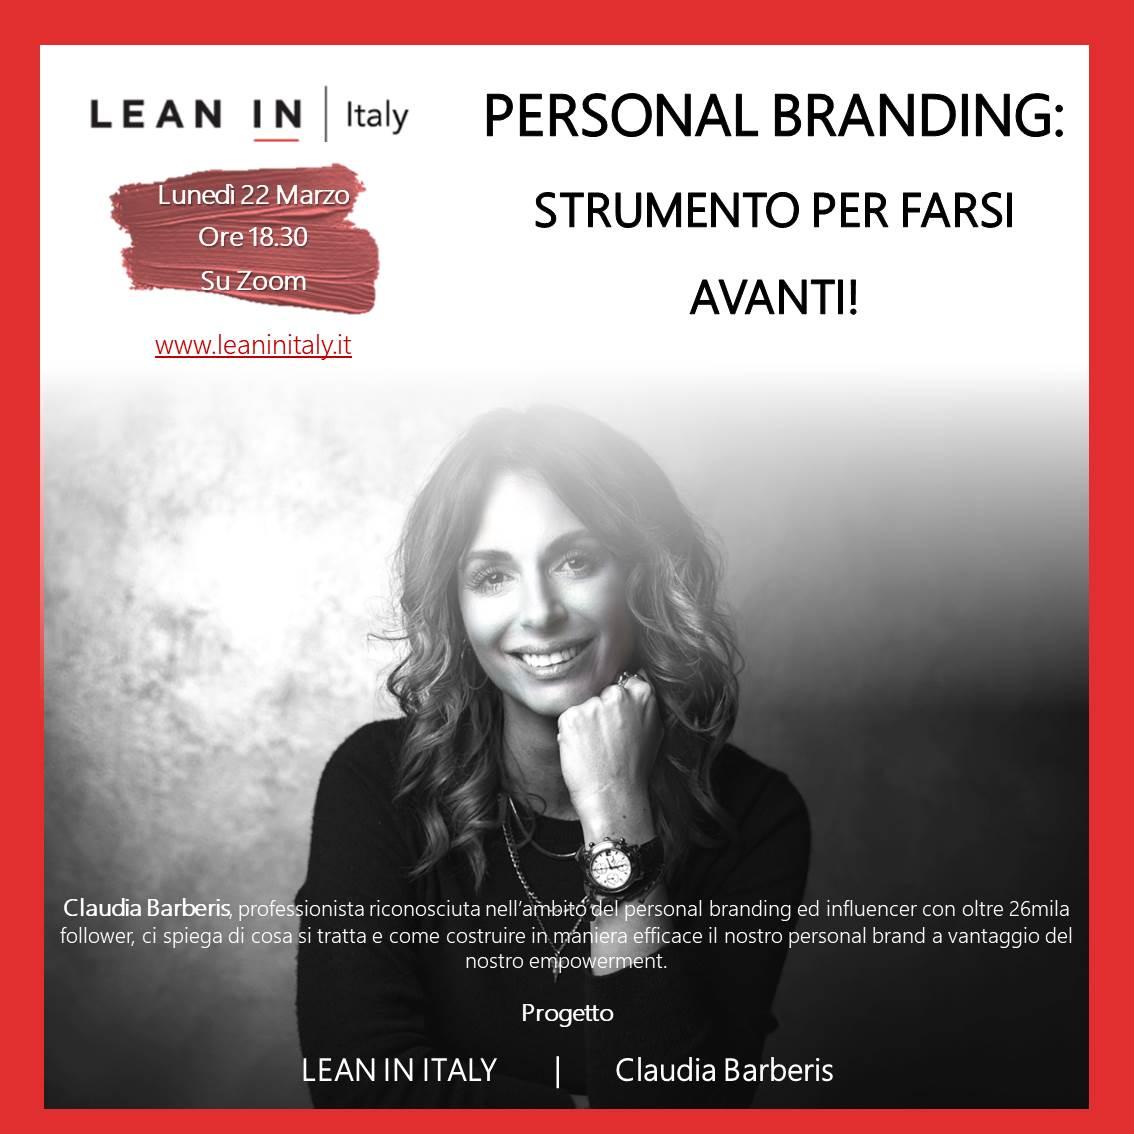 Personal Branding con Claudia Barberis. Uno strumento per farci avanti!